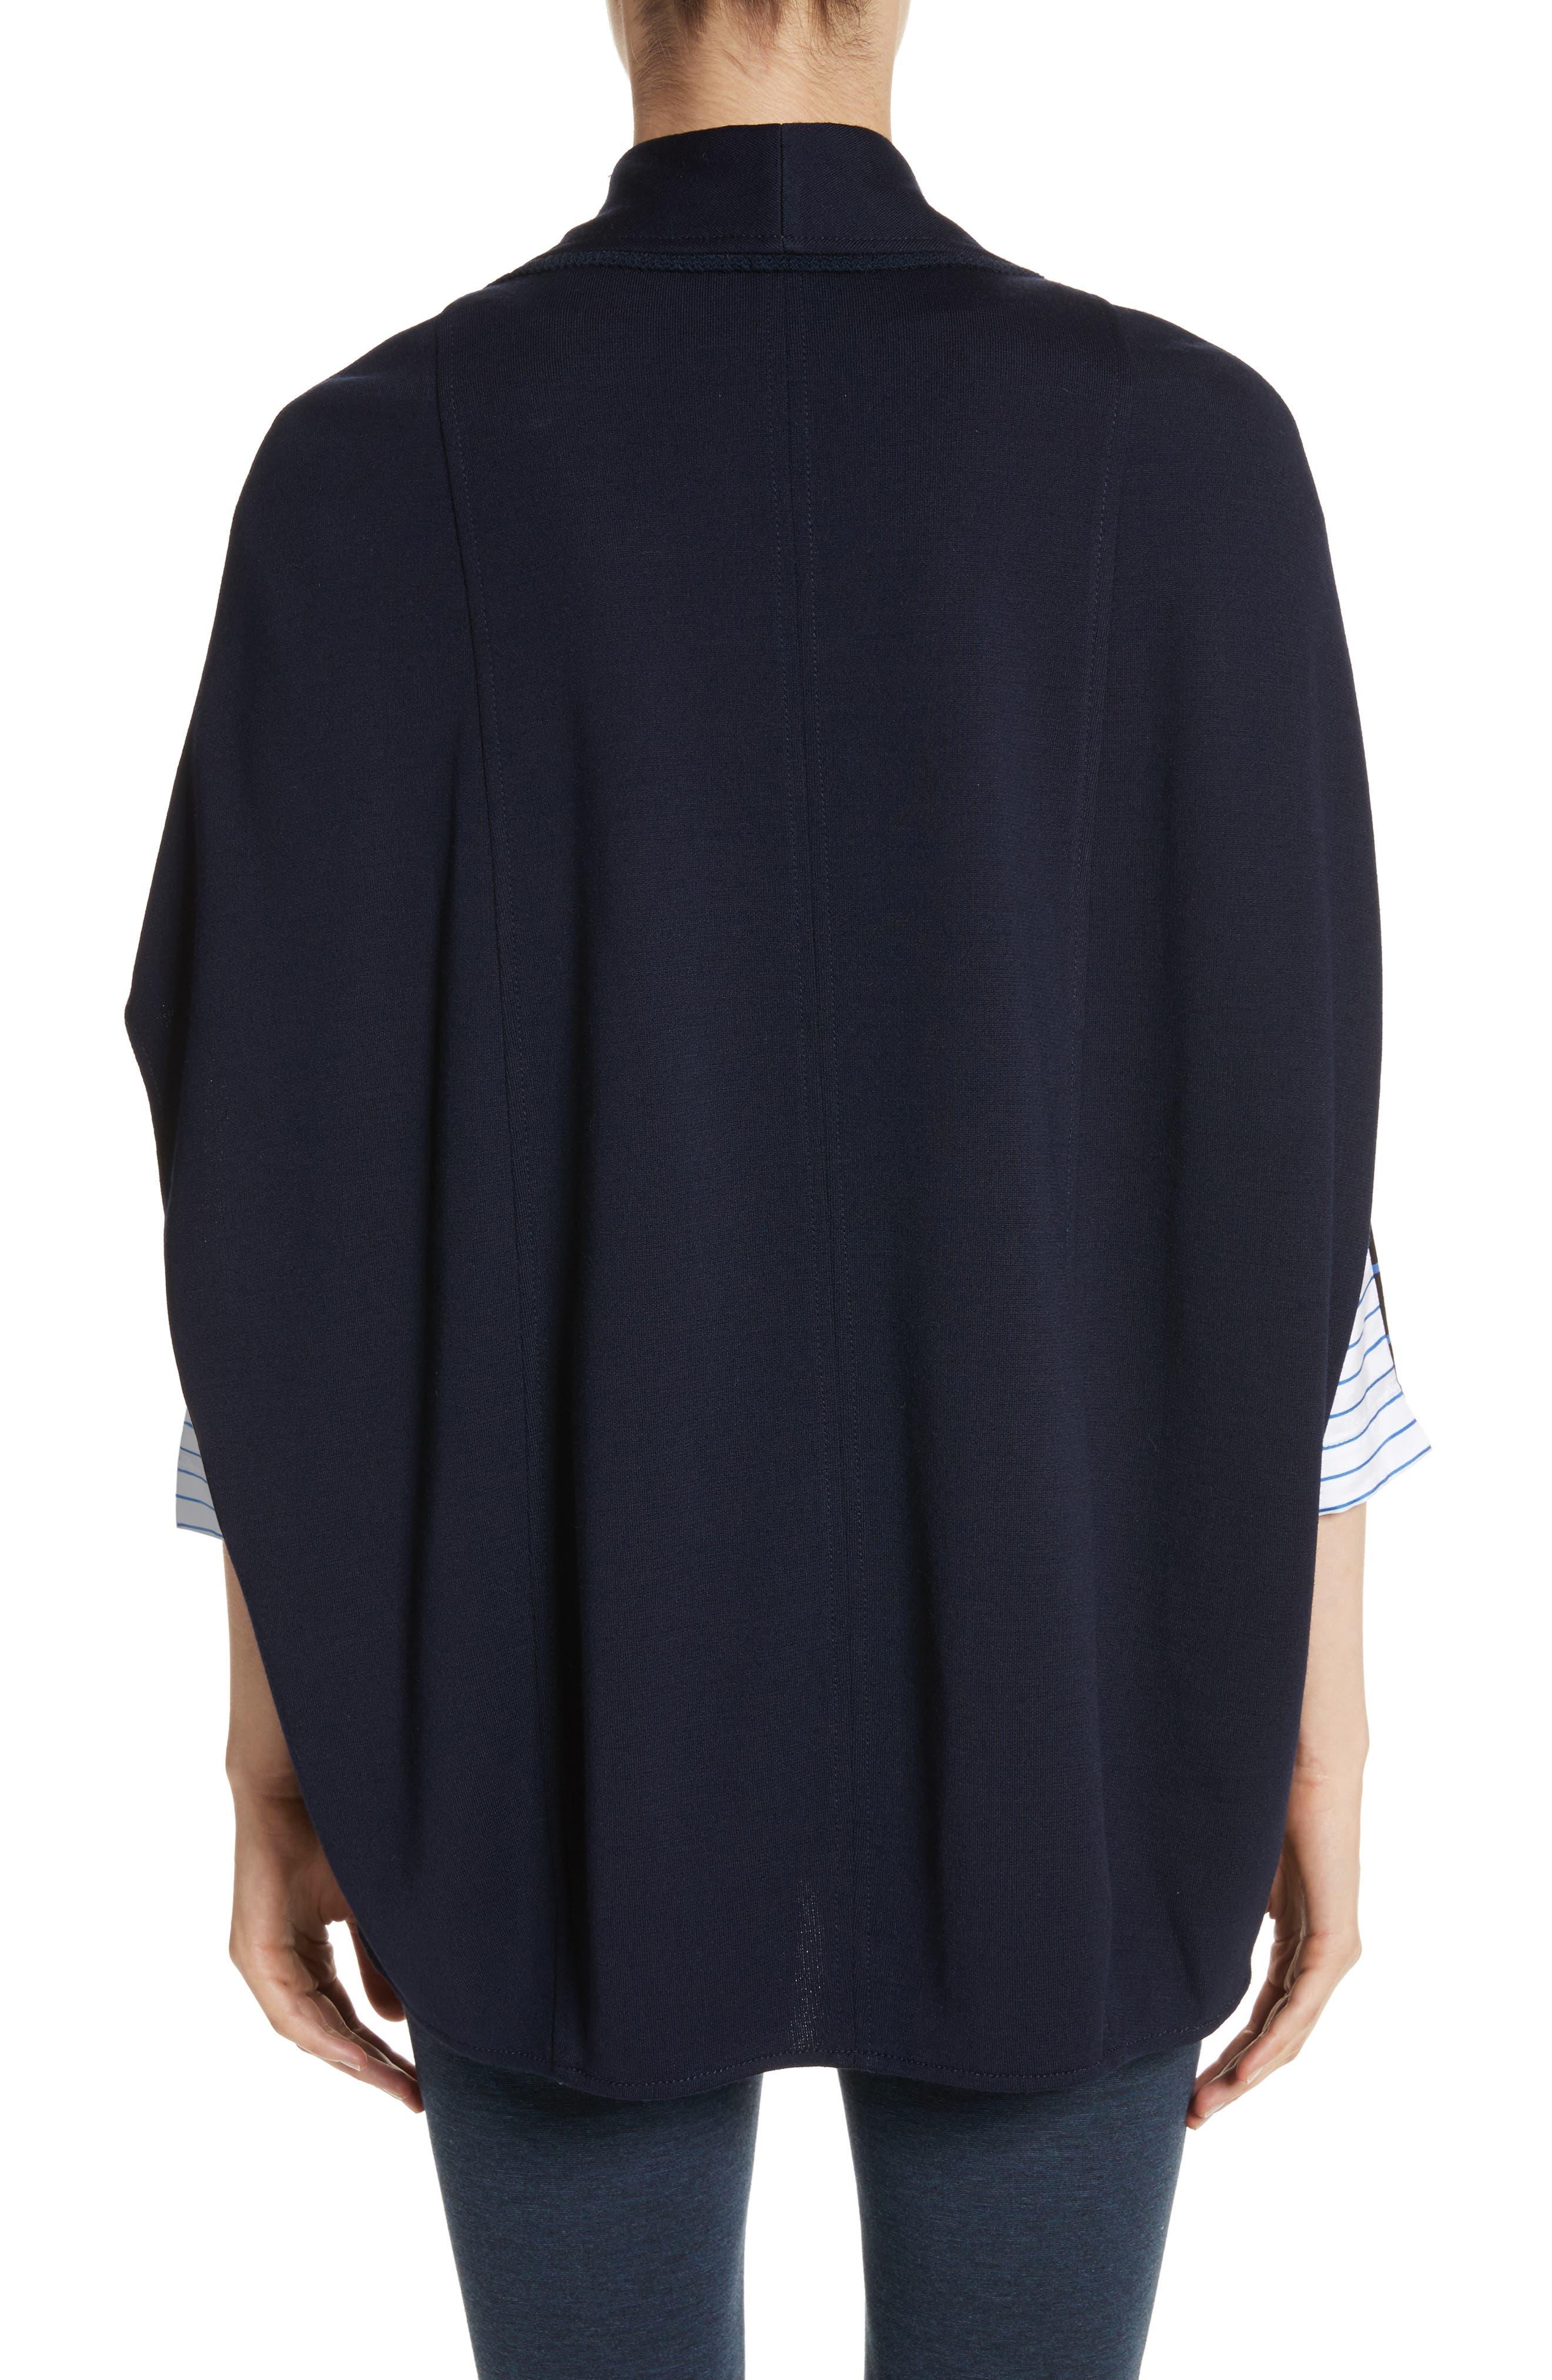 Circular Milano Knit Jacket,                             Alternate thumbnail 2, color,                             410